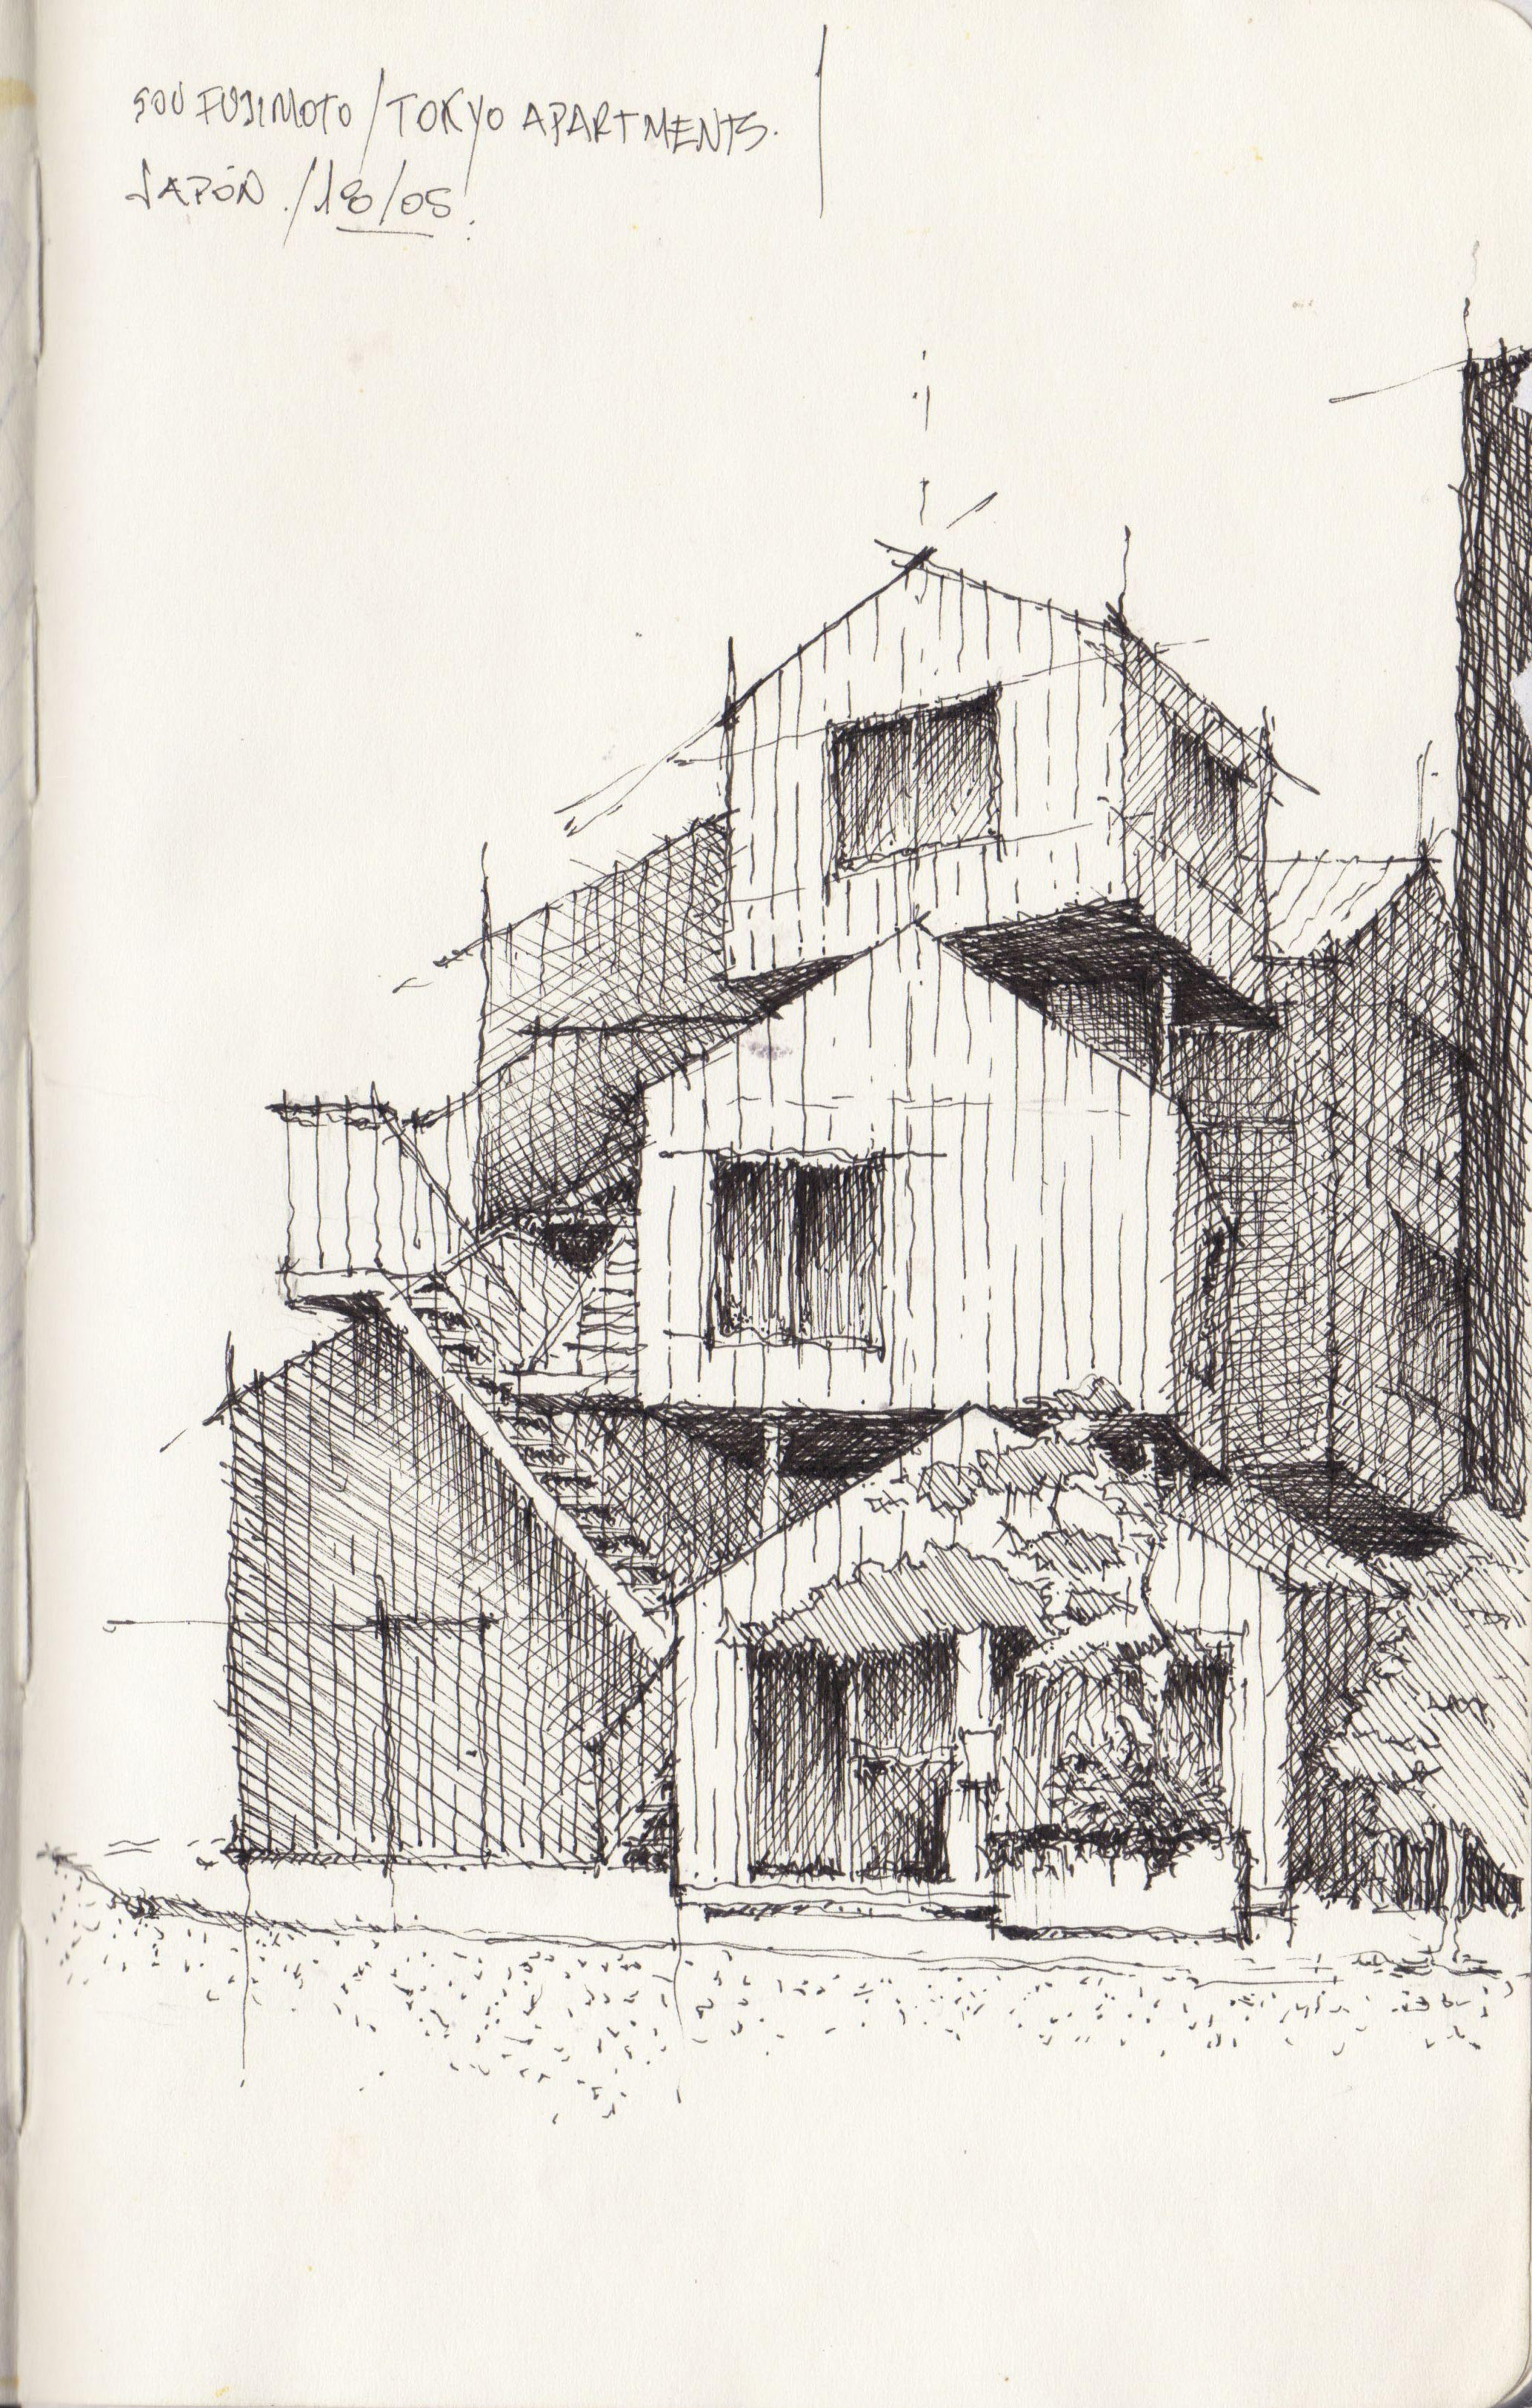 Croquis - Apartamentos de Tokio, Fujimoto - por Facundo Alvarez | Sketching  techniques, Urban sketching, Architecture sketch